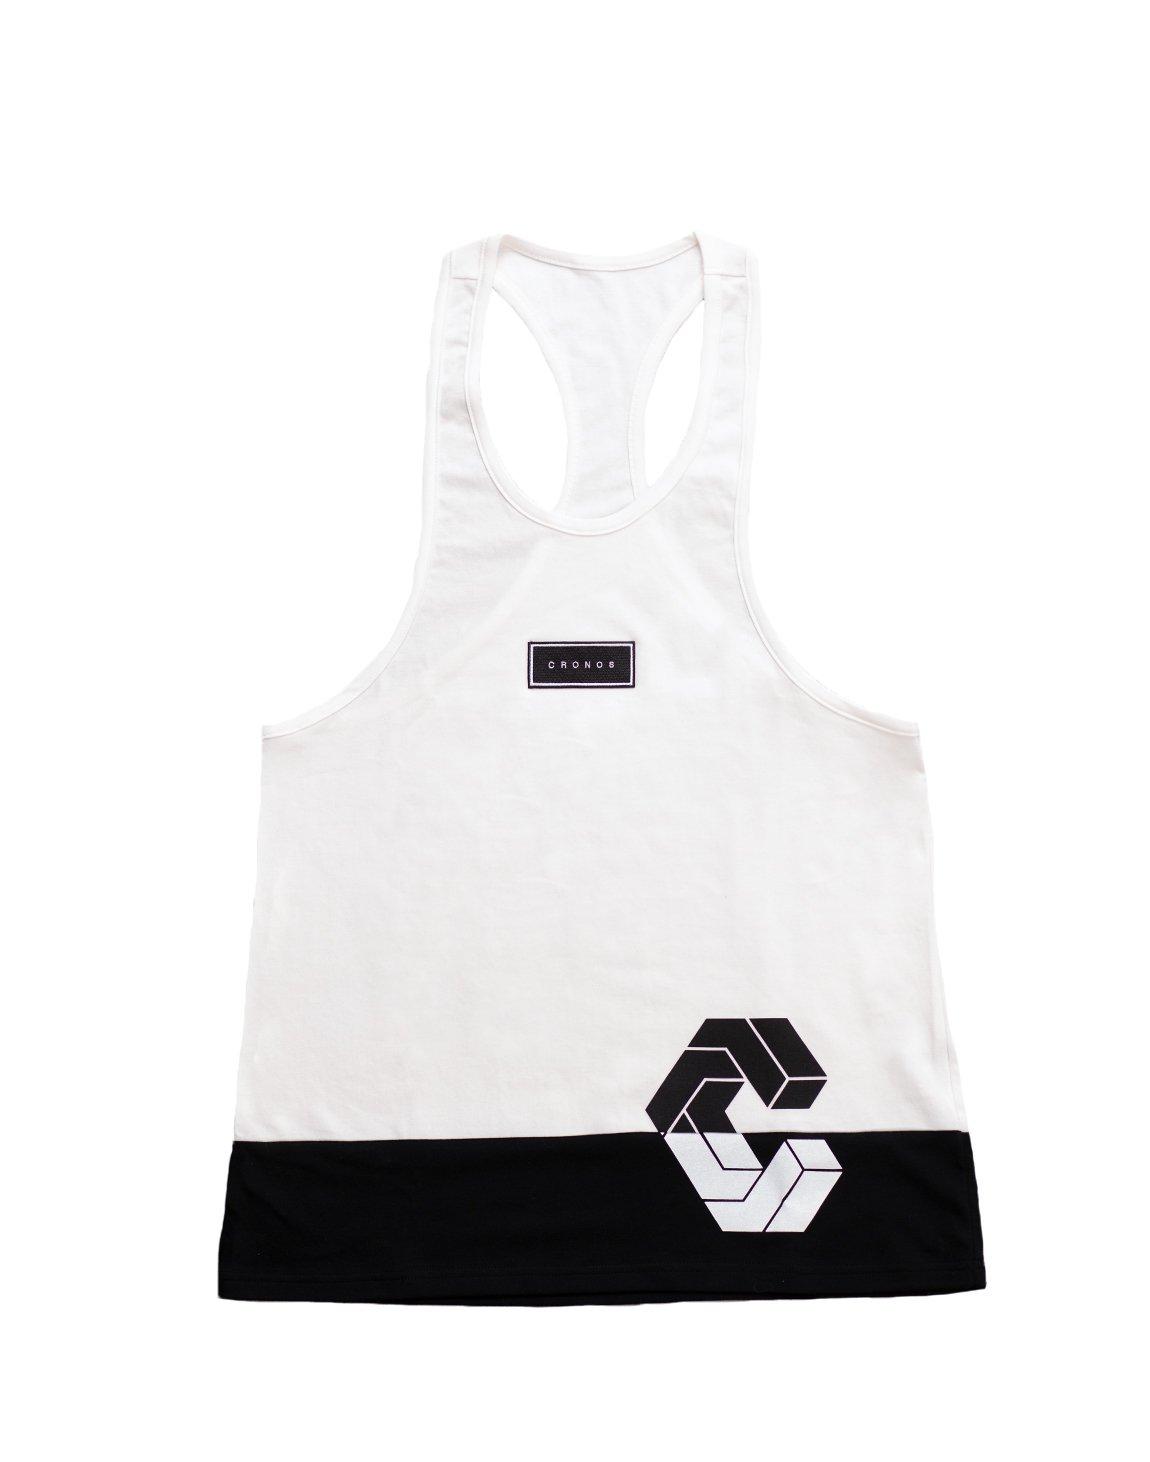 CRONOS BOX MODE SIDE LOGO TANK TOP【WHITE×BLACK】